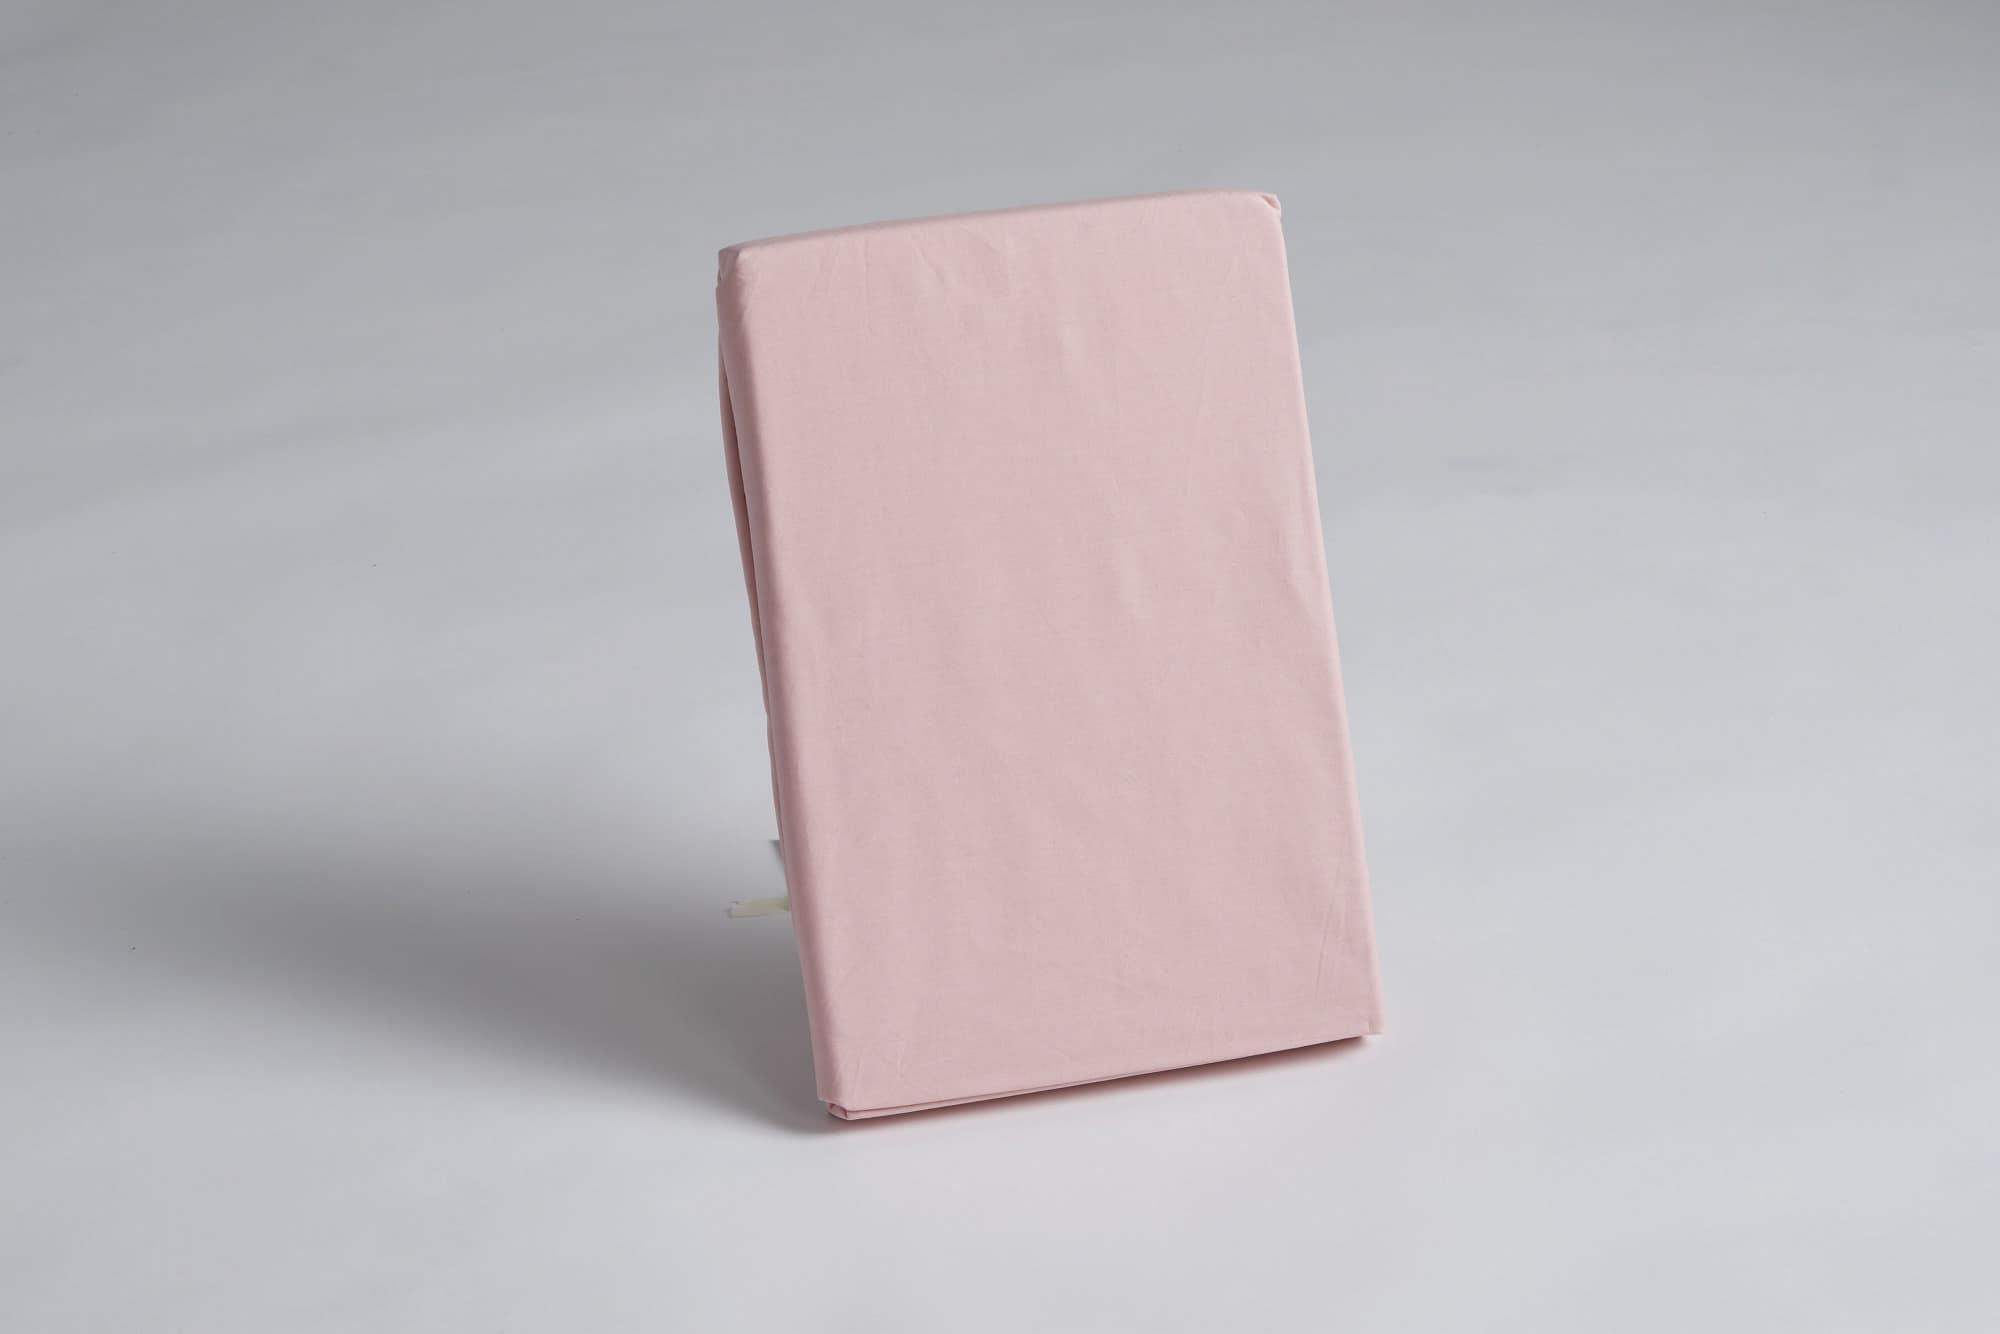 ボックスシーツ キング1用 30H ピンク